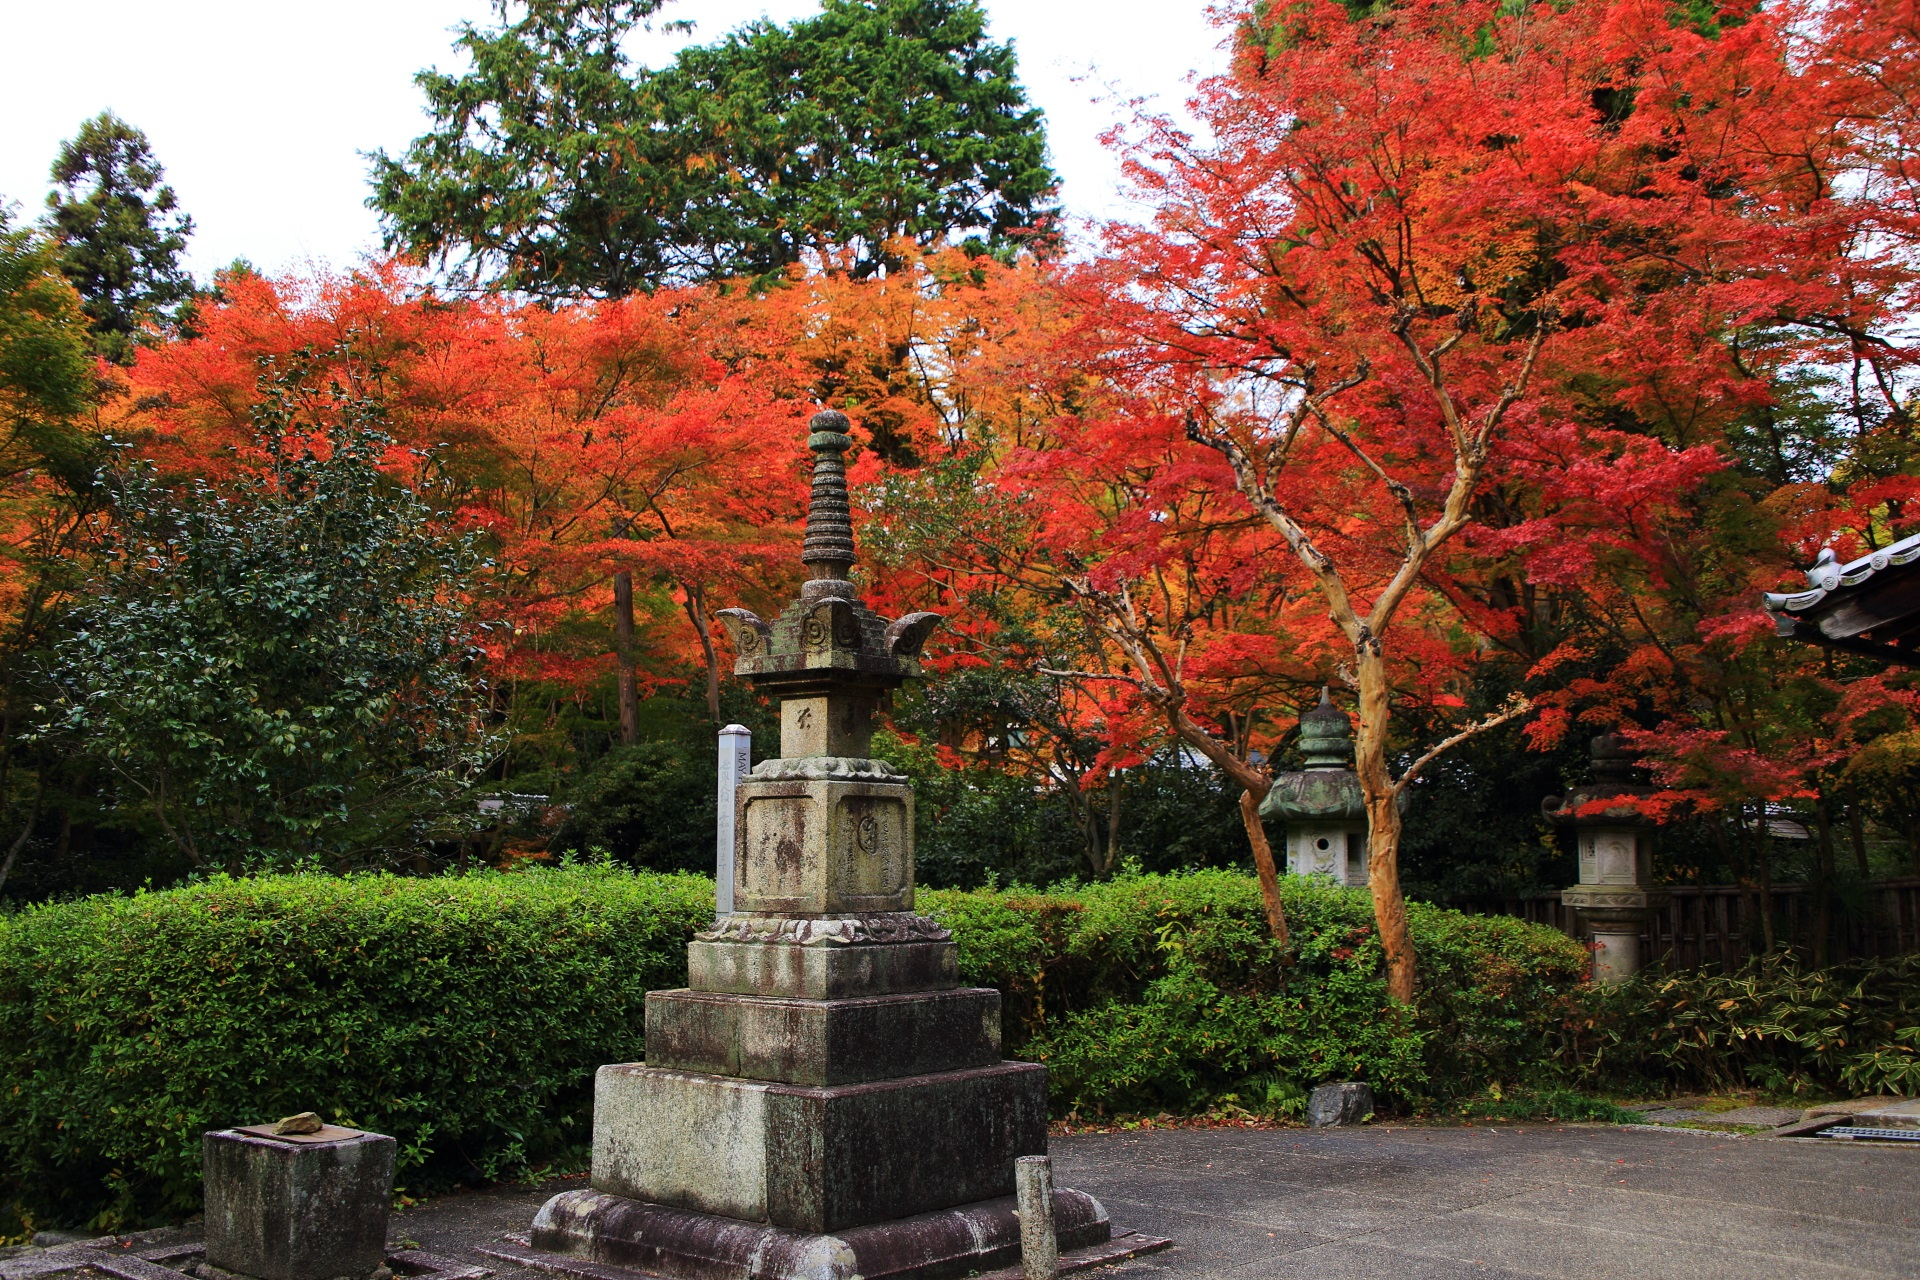 来迎院の本堂や石塔を彩る色とりどりの紅葉